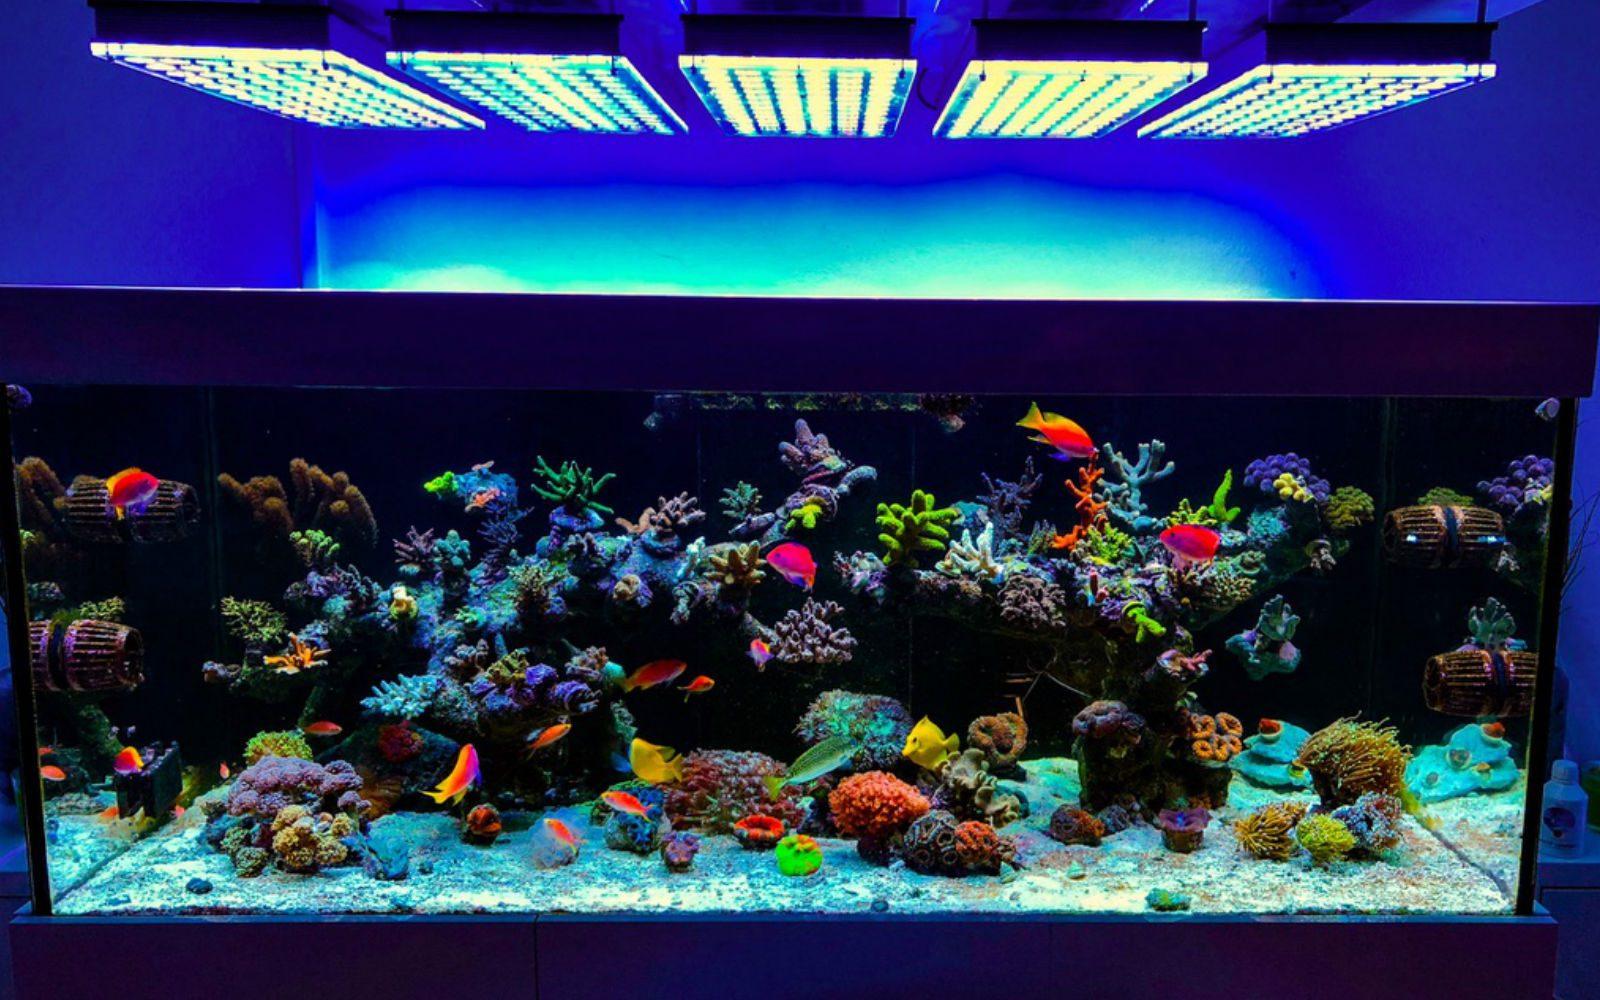 słonowodne oświetlenie morskie rafa koralowa akwarium